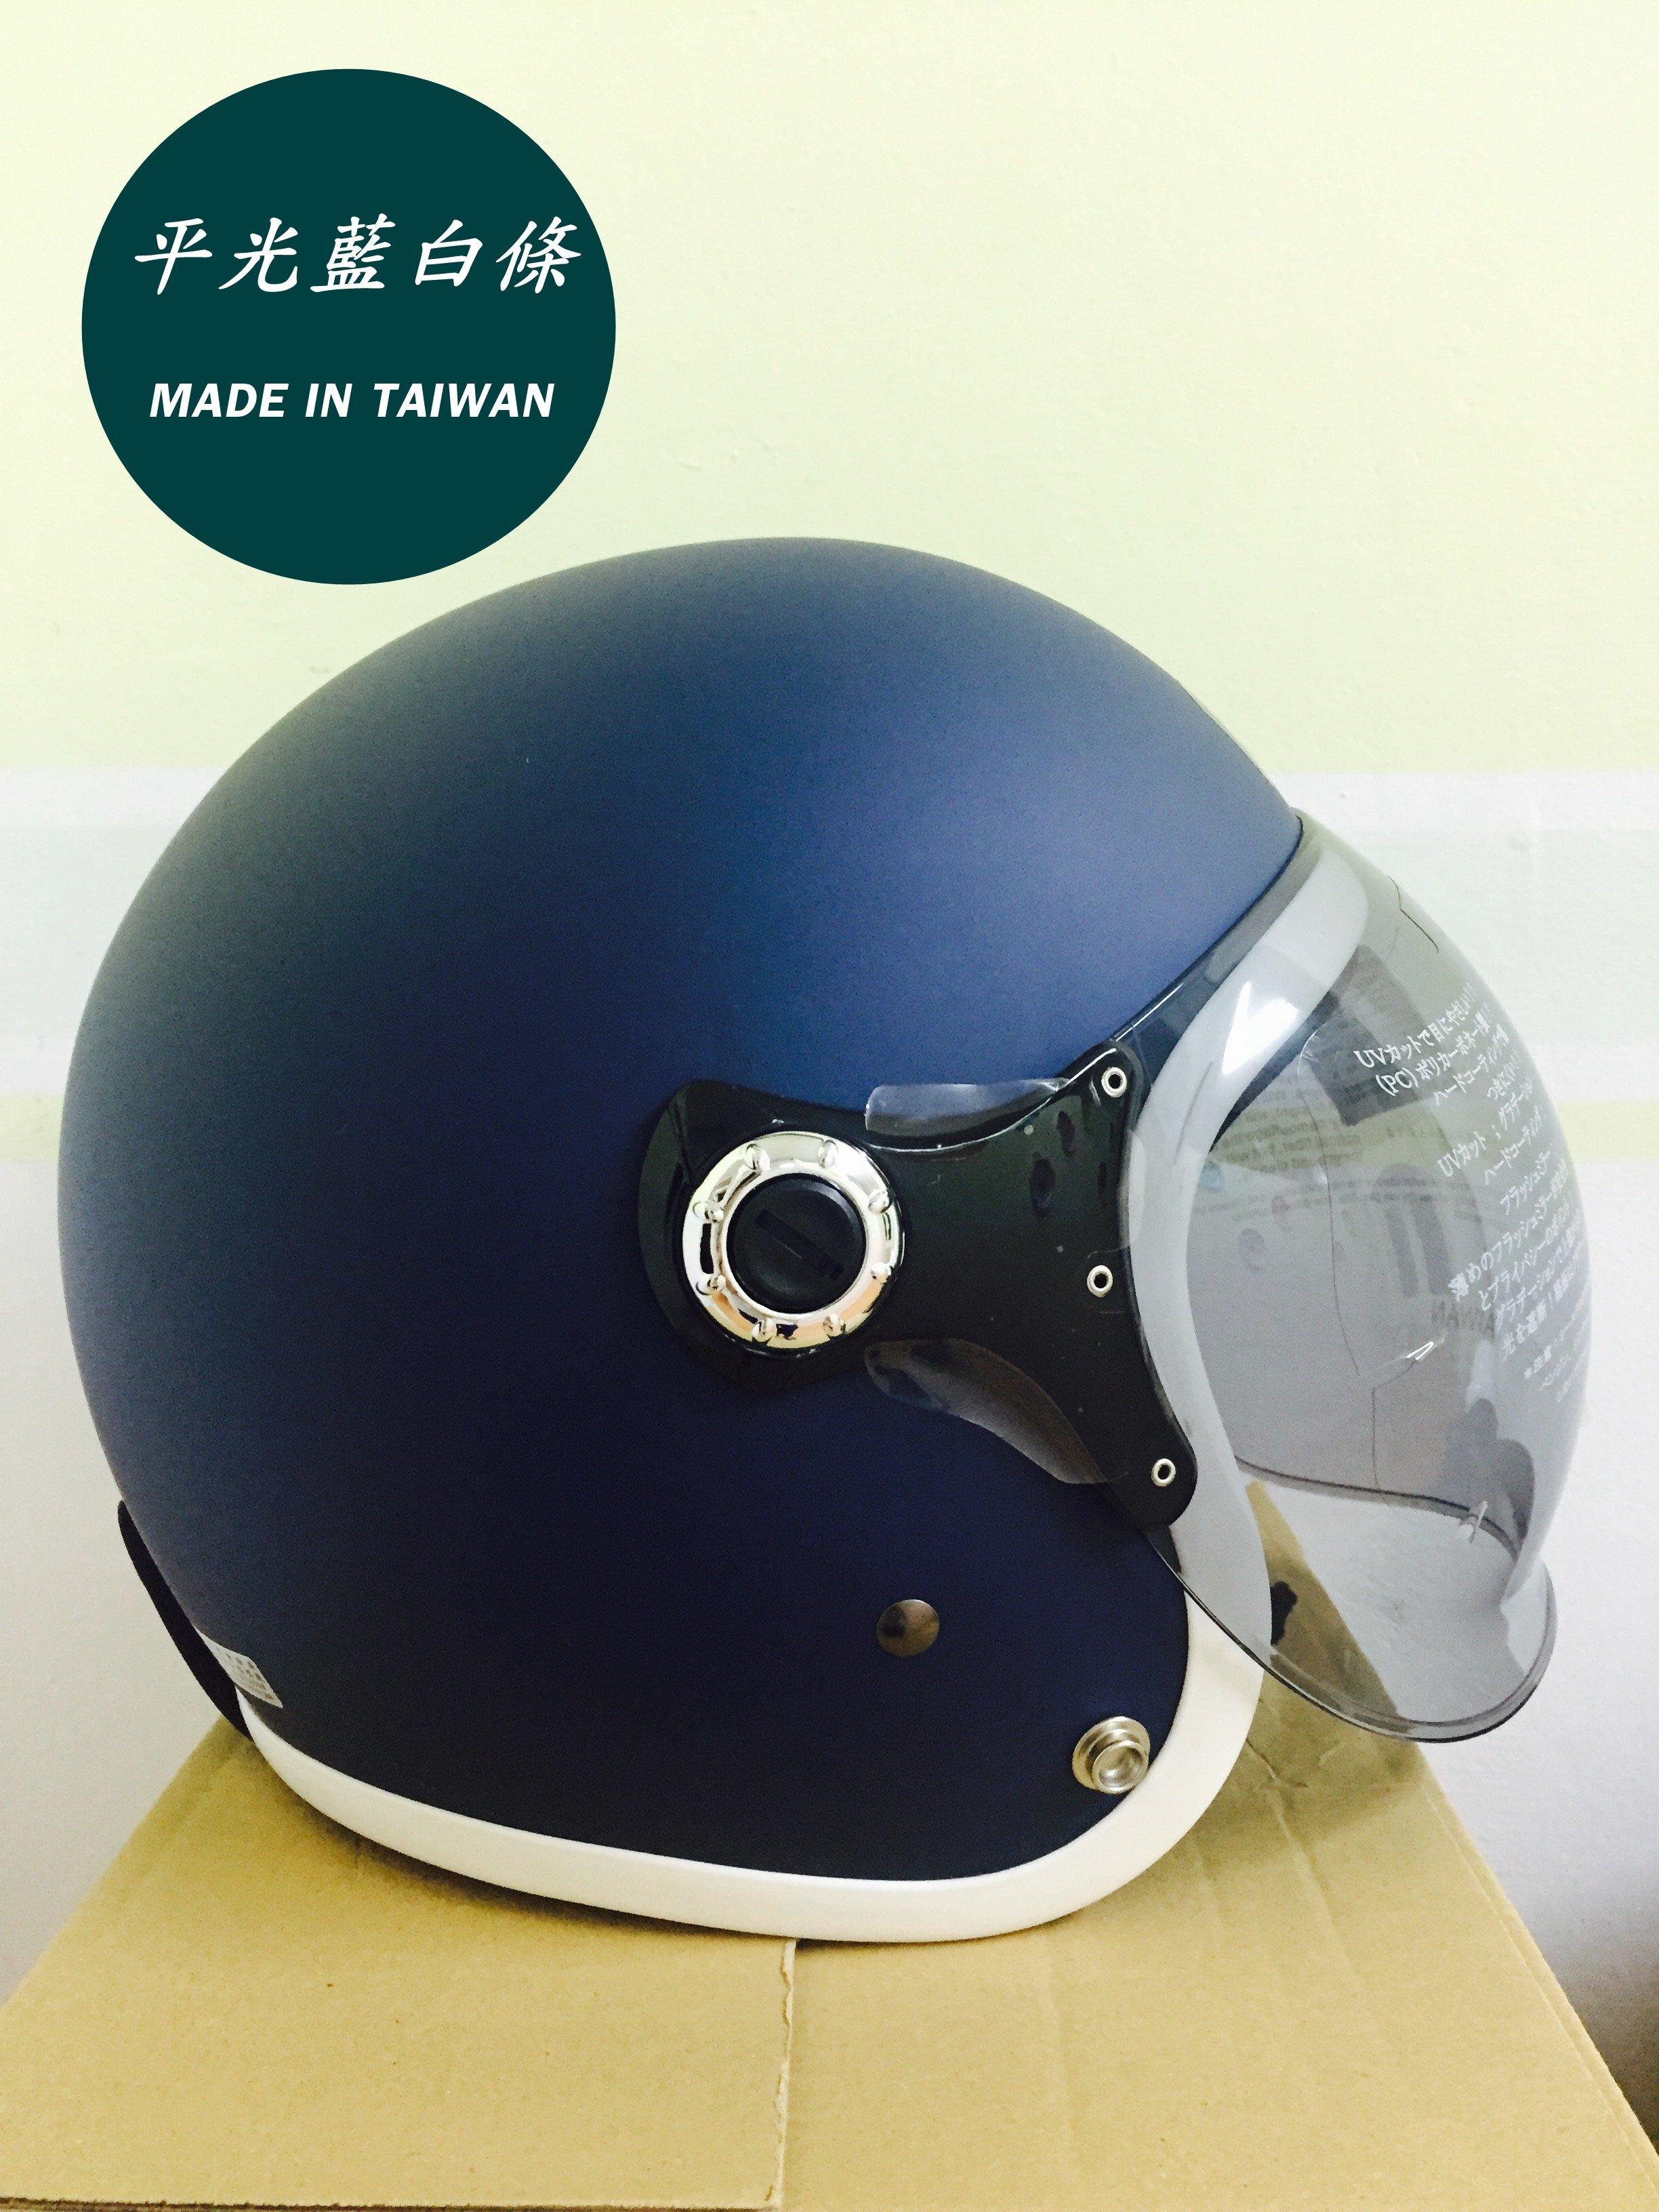 台中富源 泡泡鏡 騎士安全帽 內襯權可拆洗 製 騎士帽 805p 小可愛 平藍白 消光 g